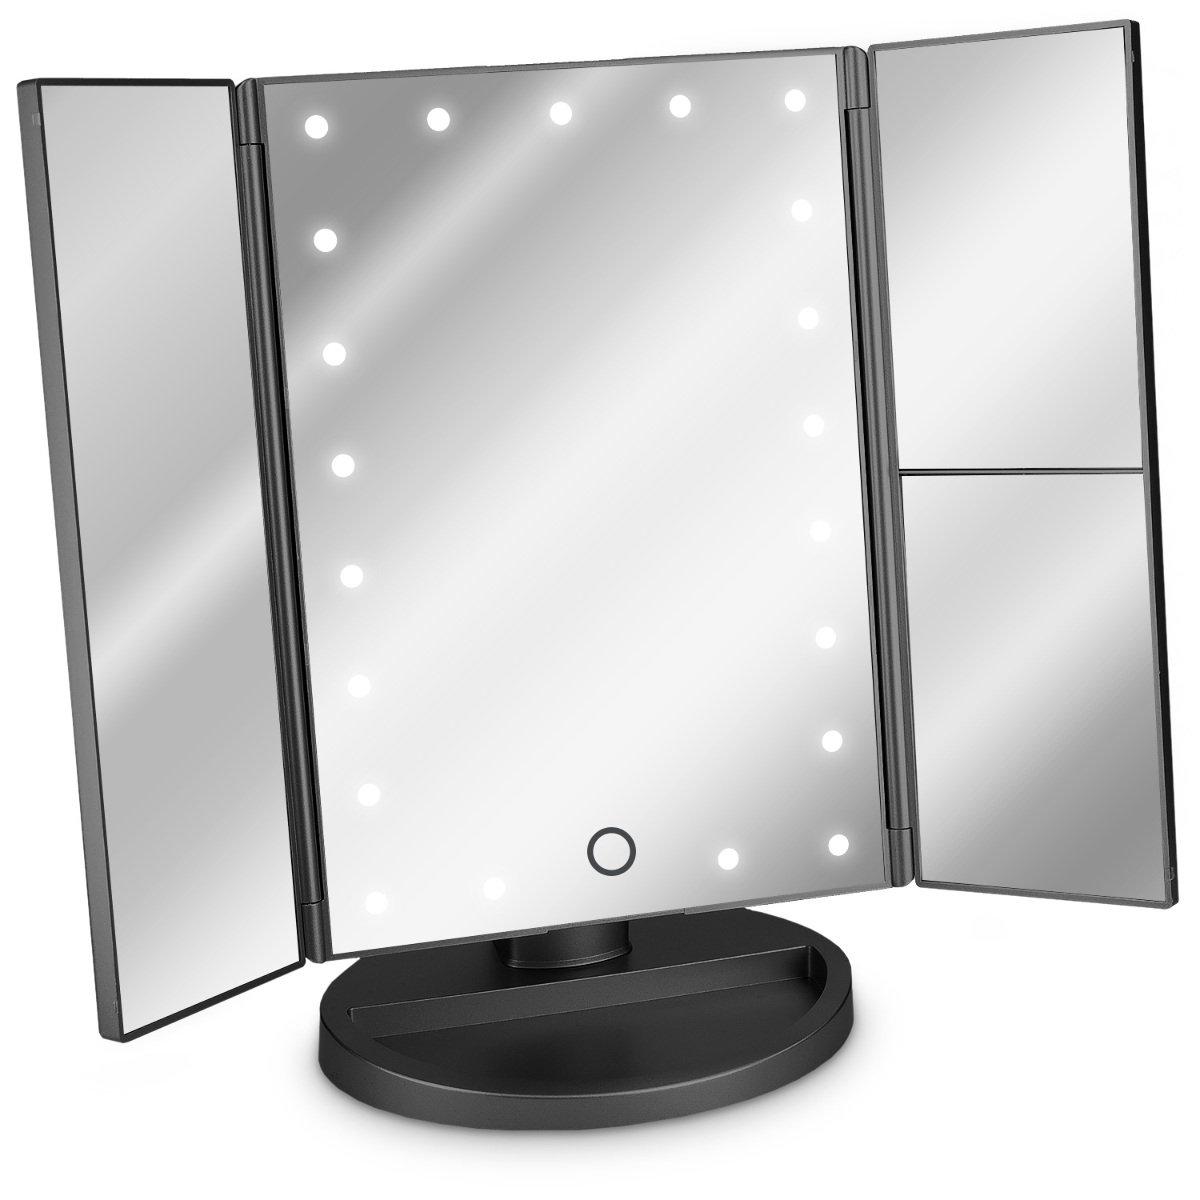 Navaris Specchio pieghevole per trucco a LED - specchio cosmetico ingranditore illuminato per make up con specchietti ingrandimento x2 x3 - oro rosa KW-Commerce 43457.89_m000765